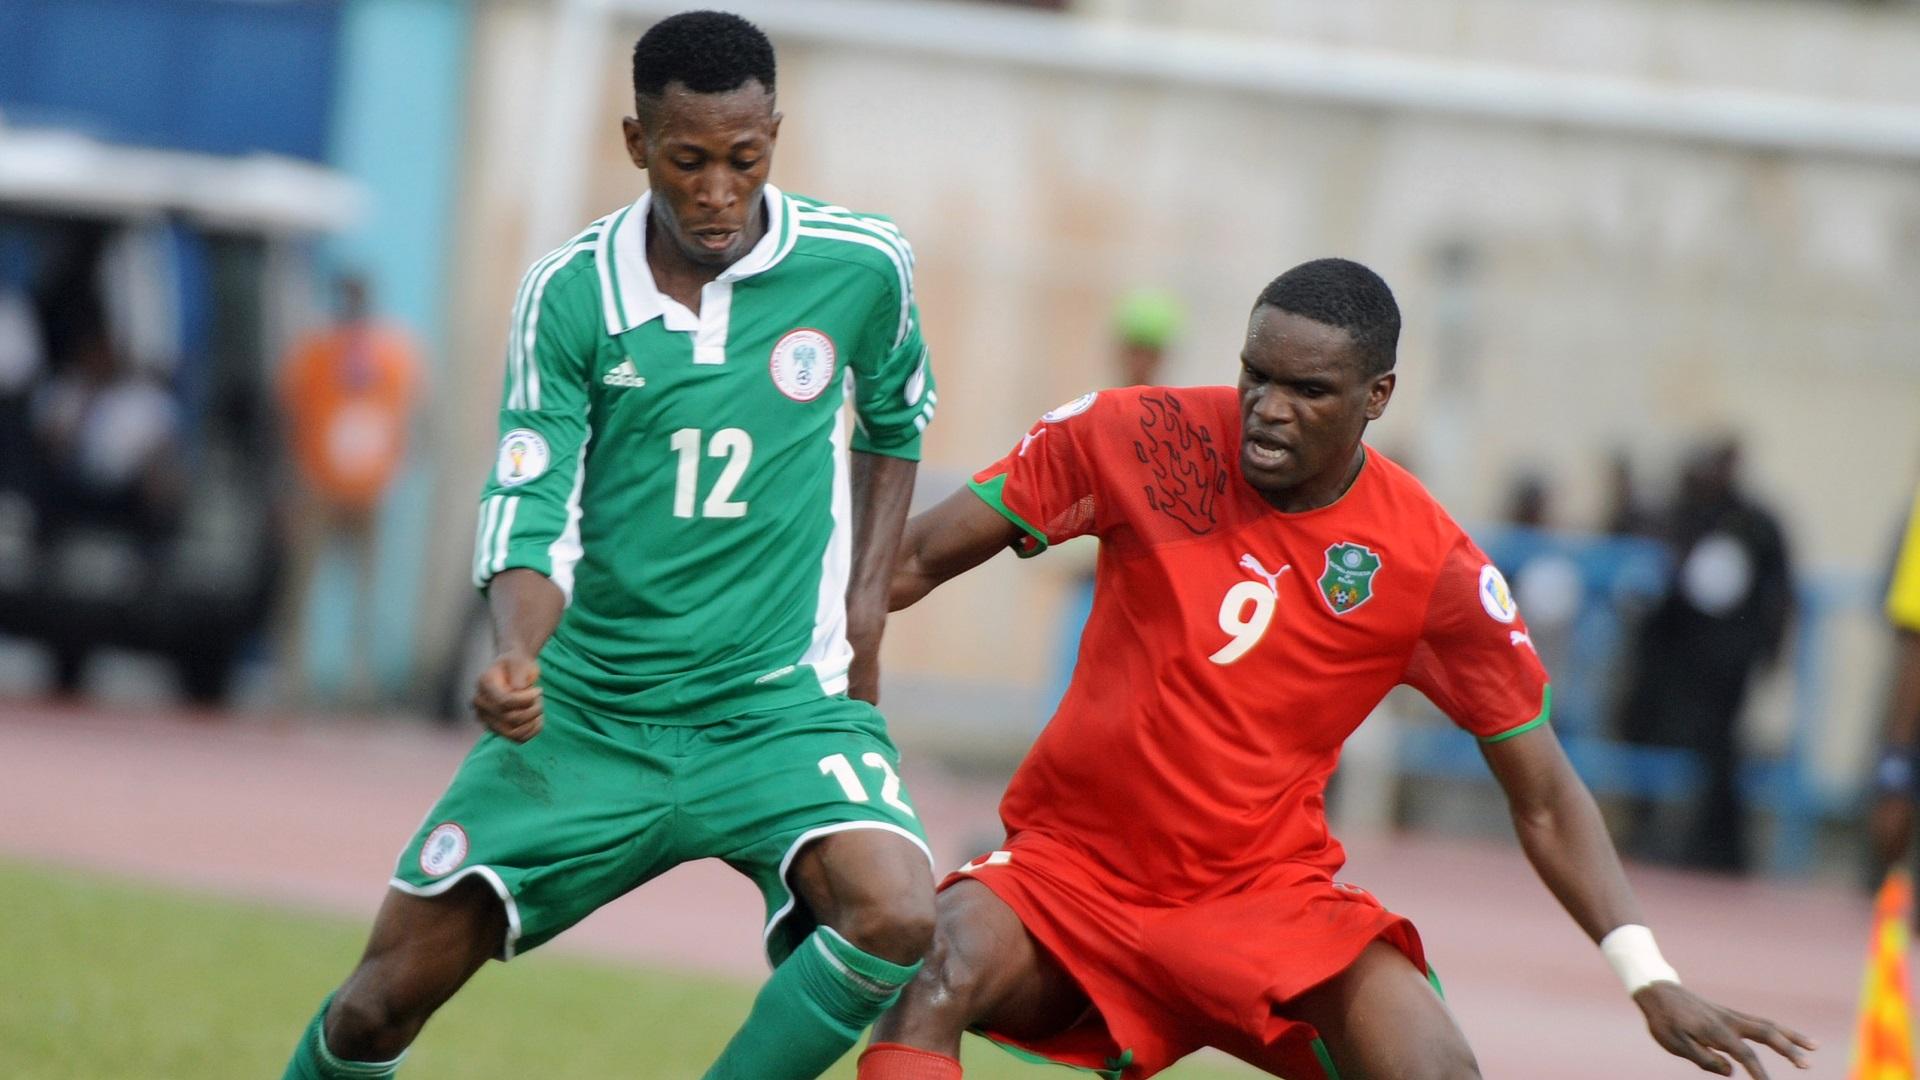 Nnamdi Oduamadi of Nigeria, Malawi's Peter Wadabwa